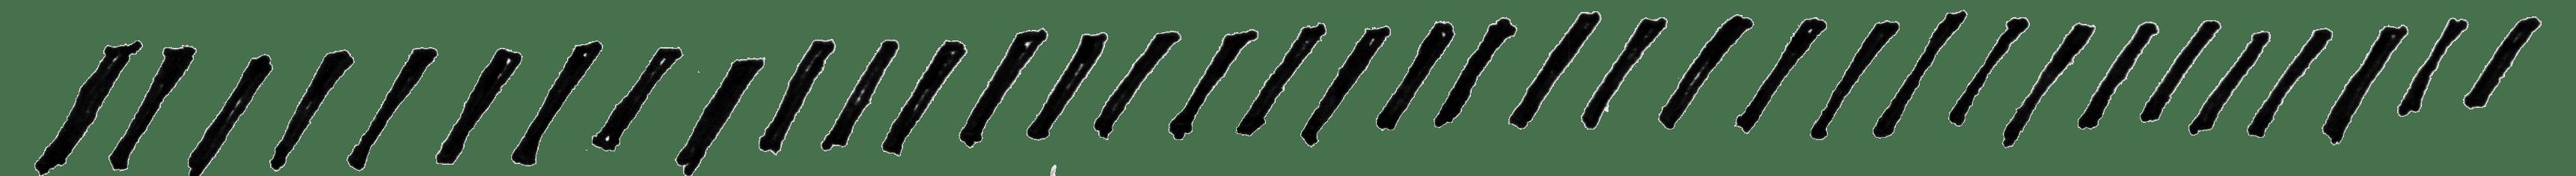 diagonal-stripe.png